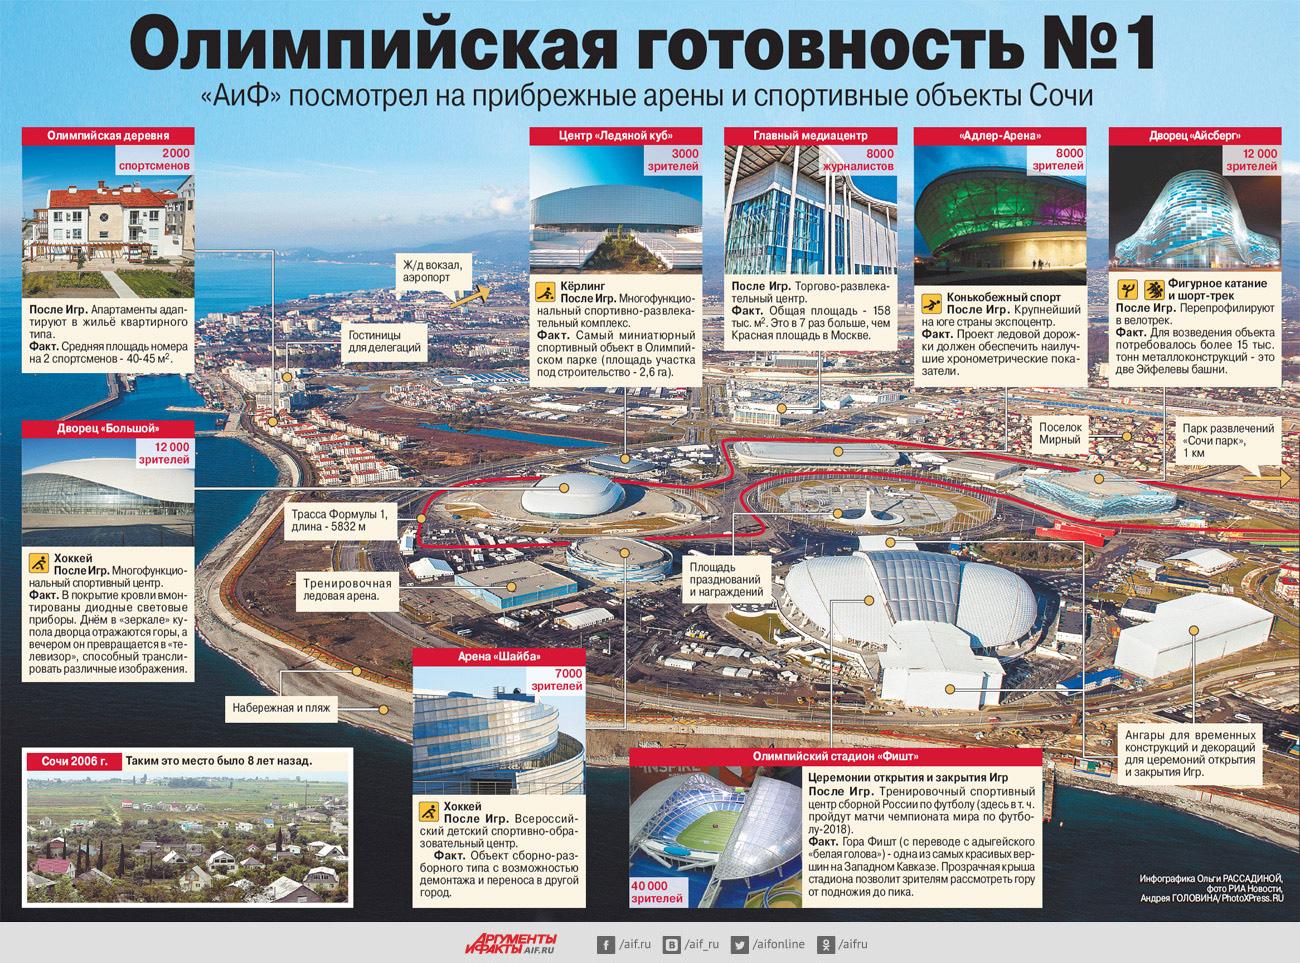 Олимпийские объекты прибрежной зоны. Инфографика